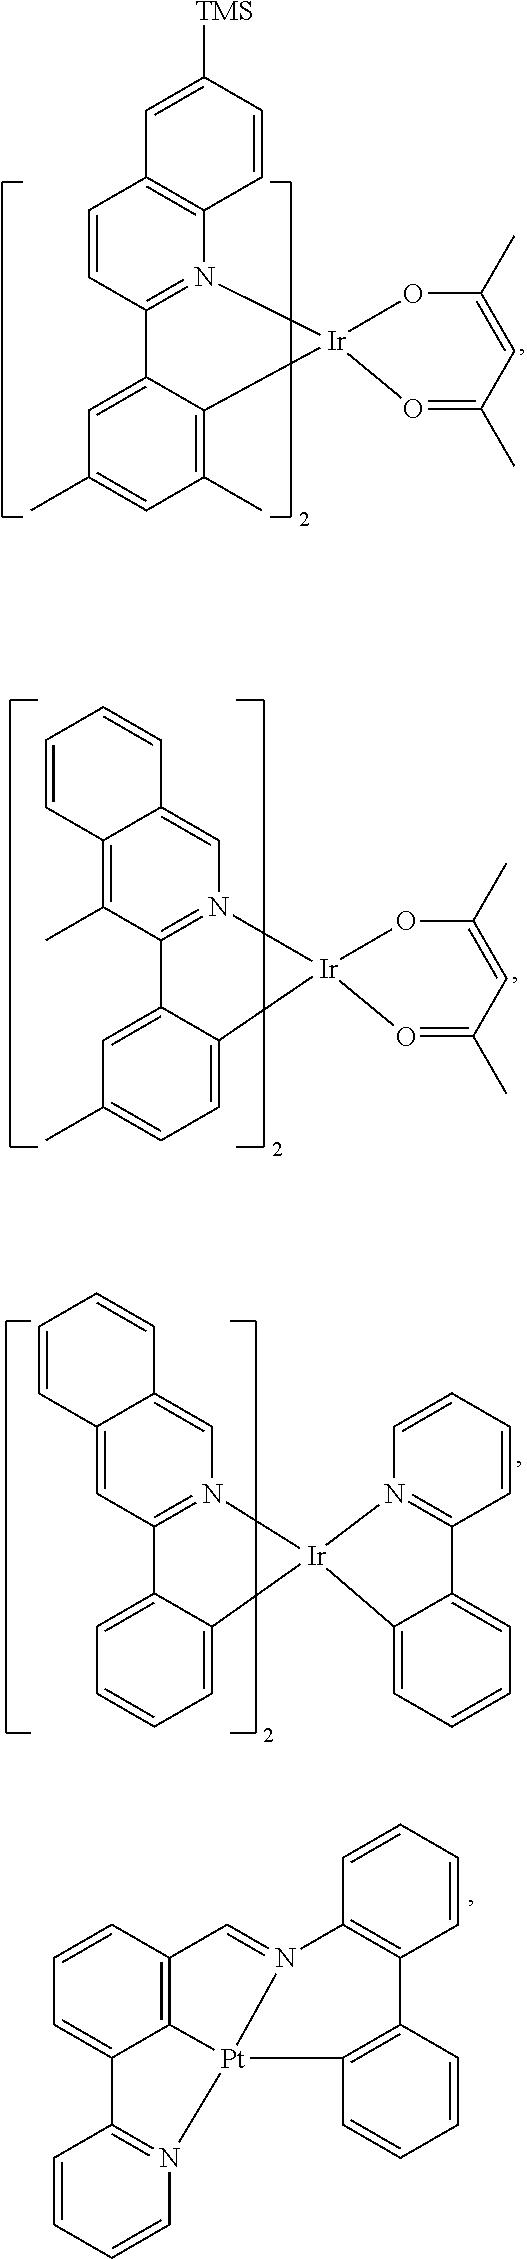 Figure US20180076393A1-20180315-C00115